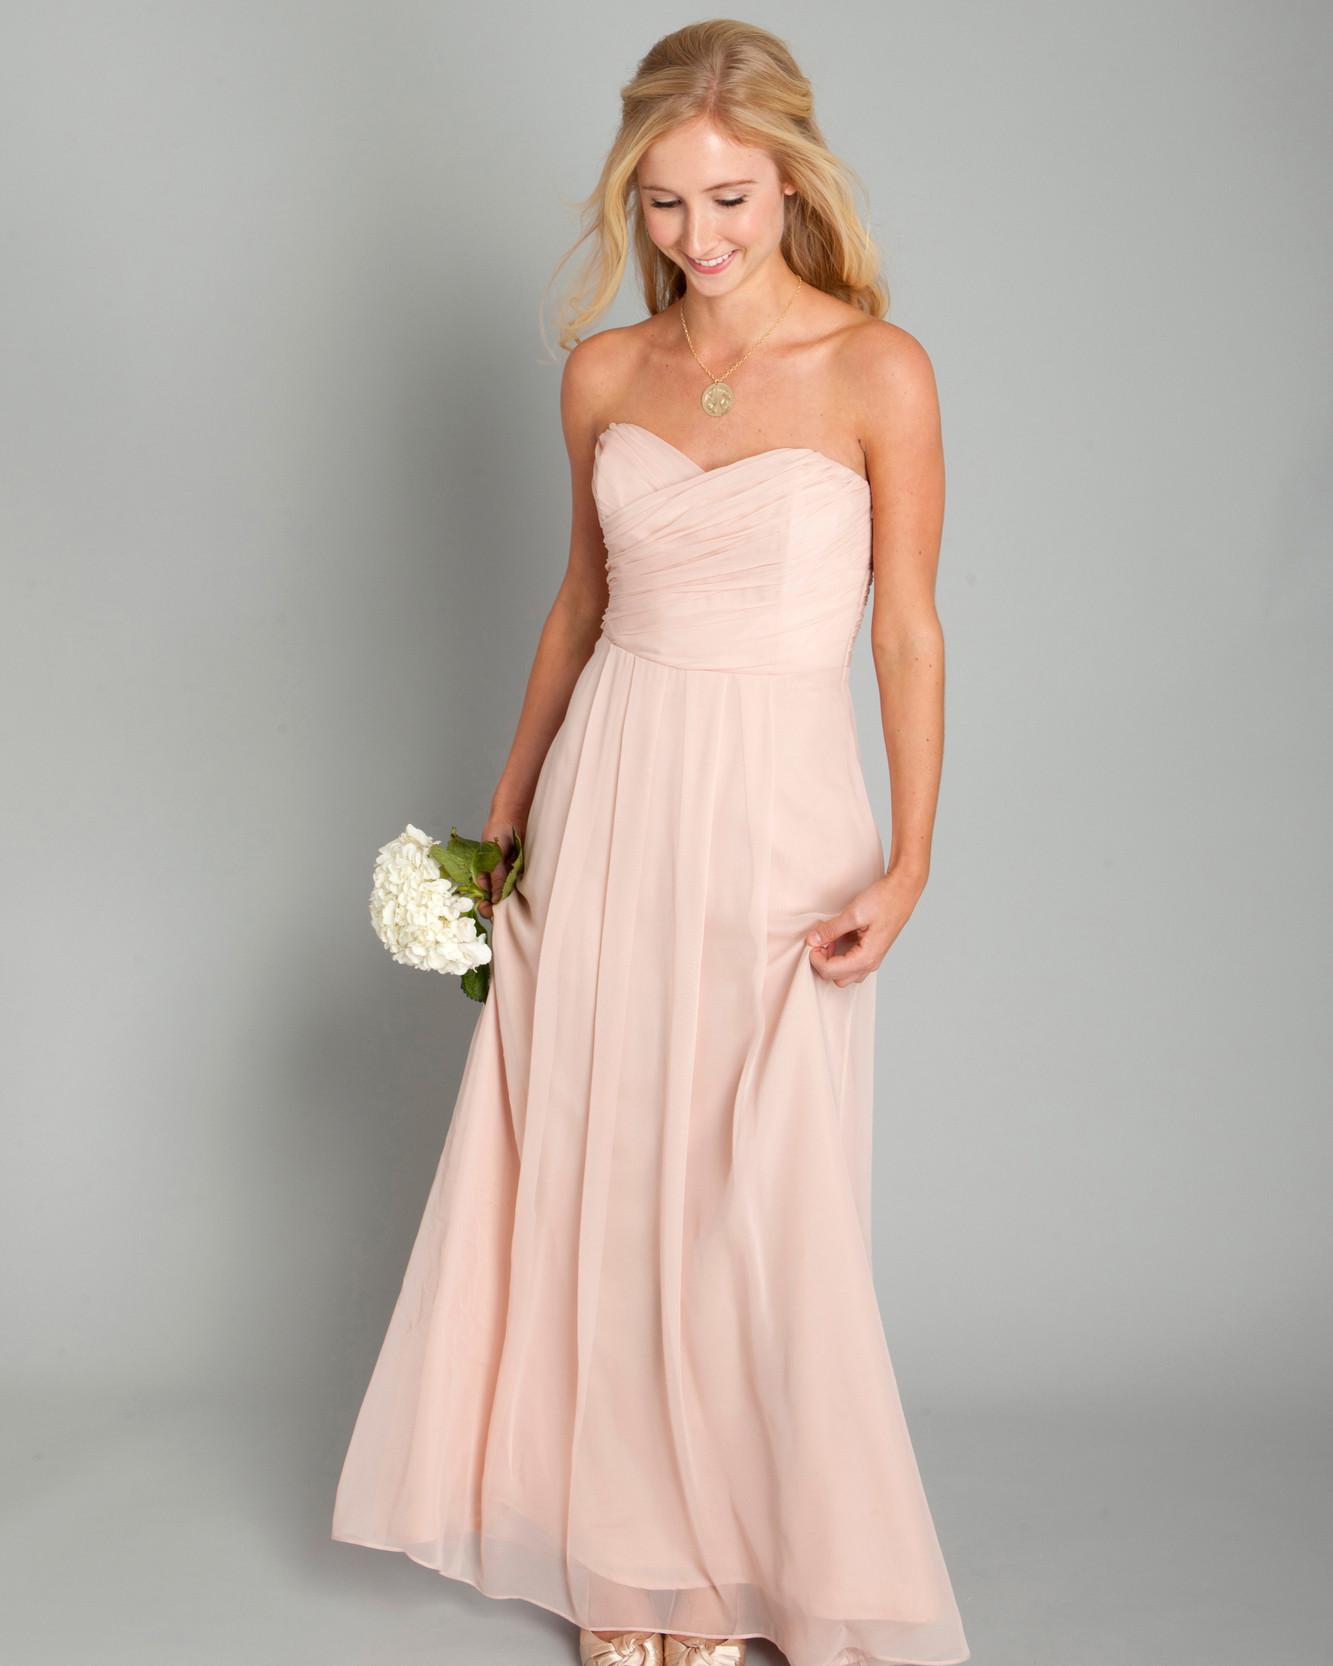 Powder Pink Wedding Dresses: Martha Stewart Weddings